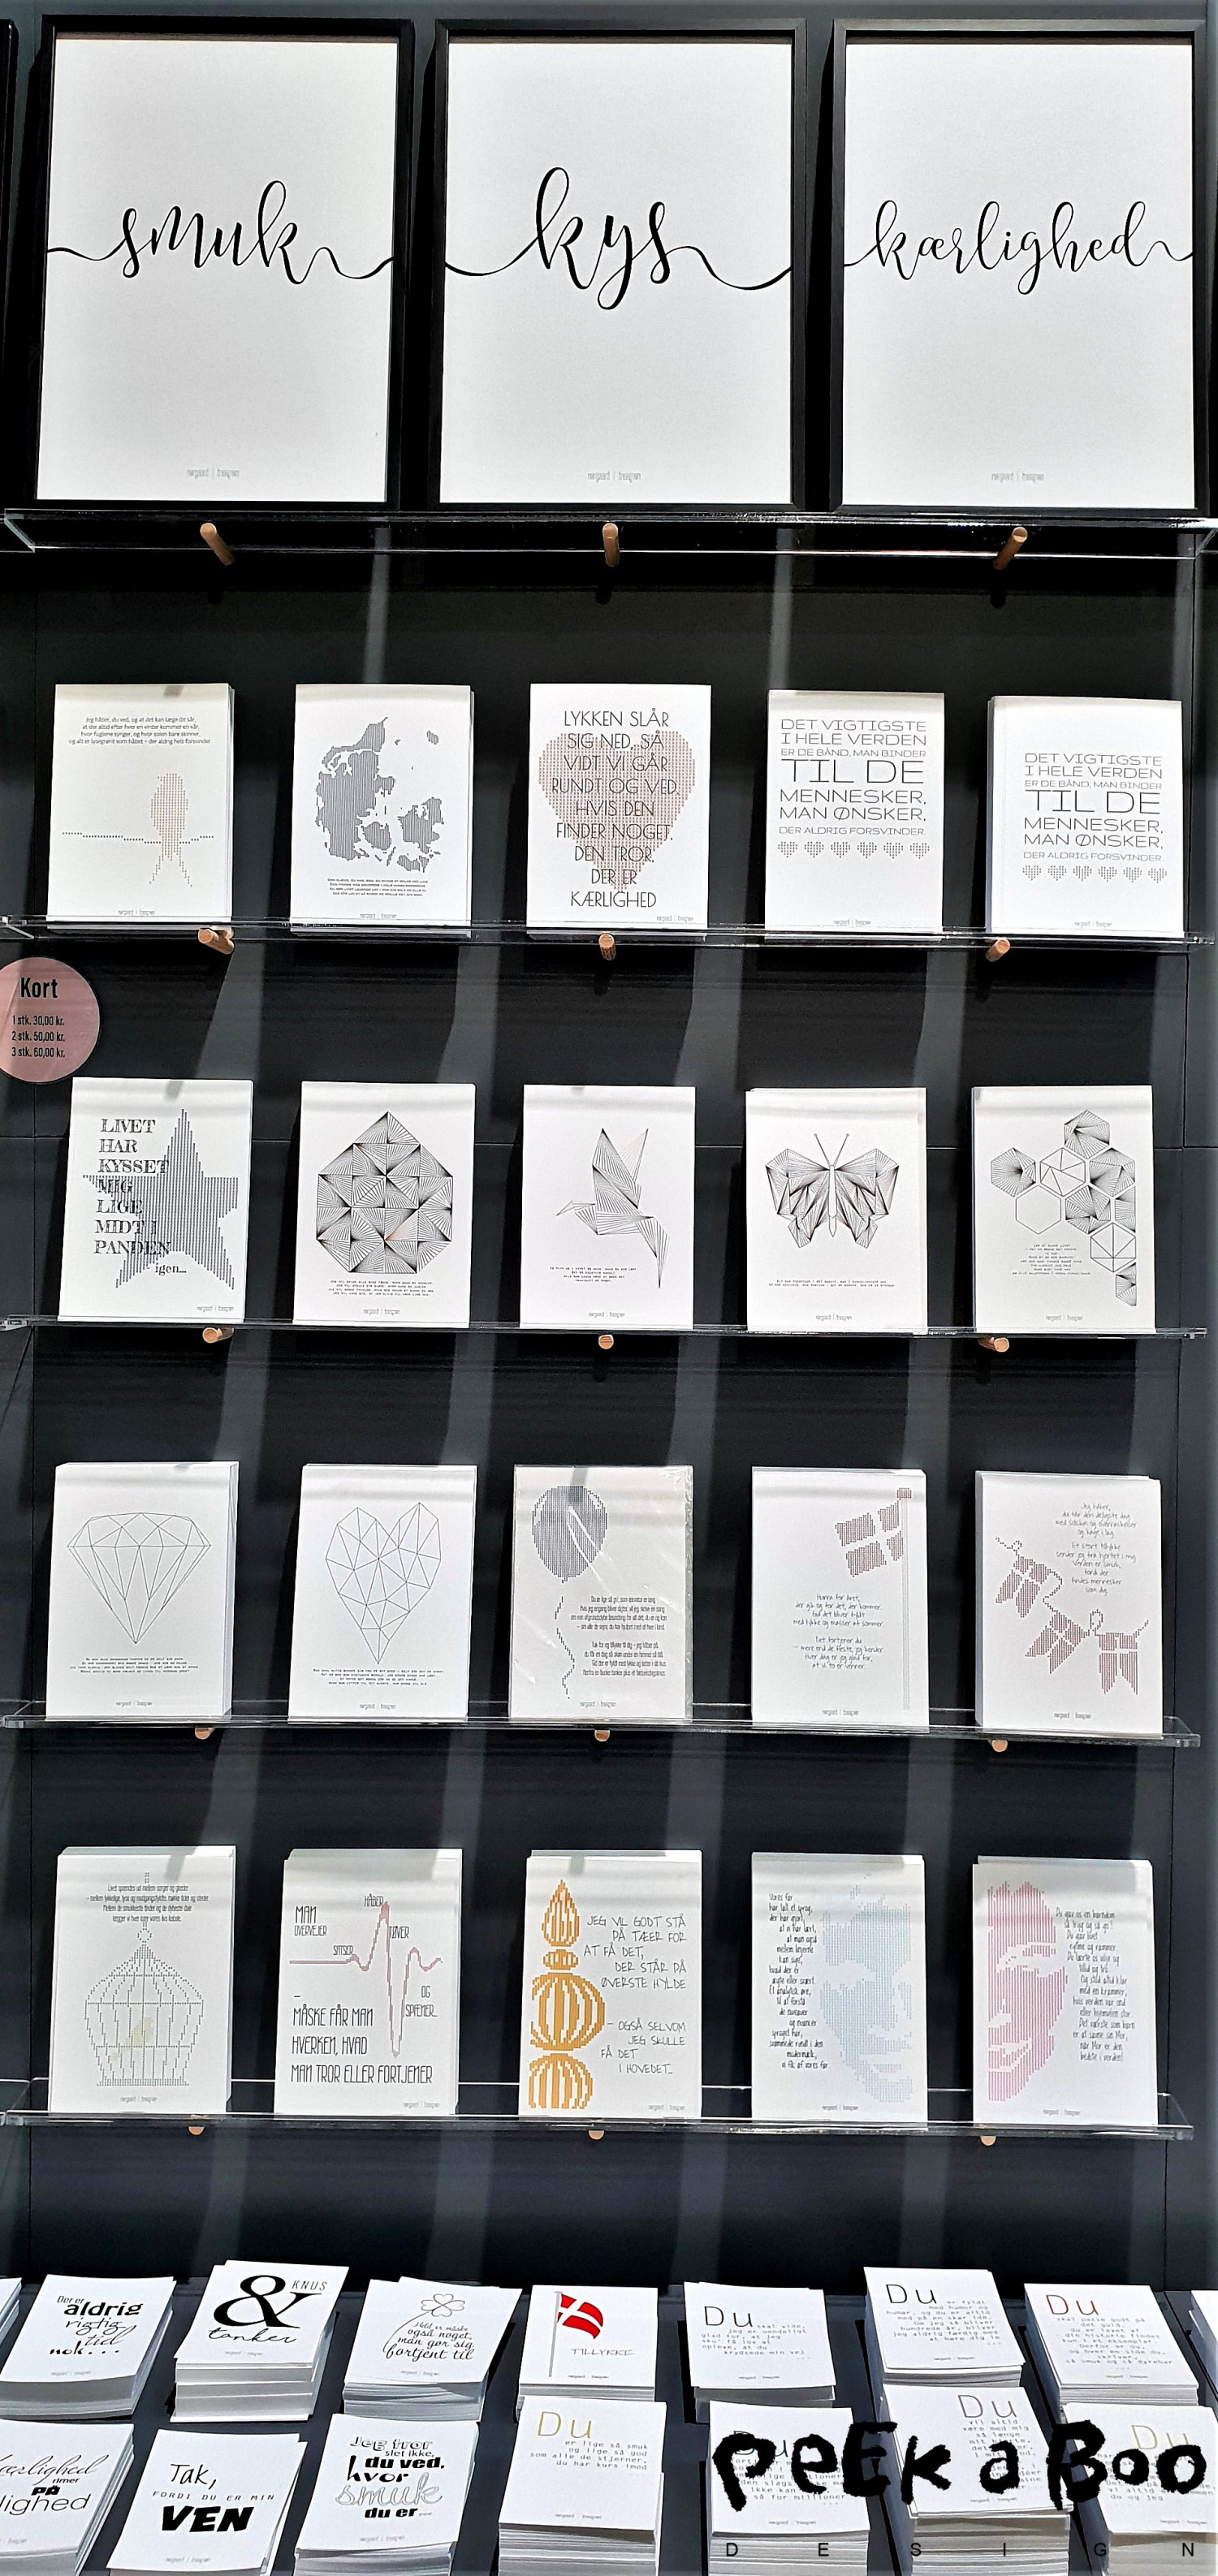 norgaard I norgaard laver enkle grafiske kort med tekster der rammer plet.